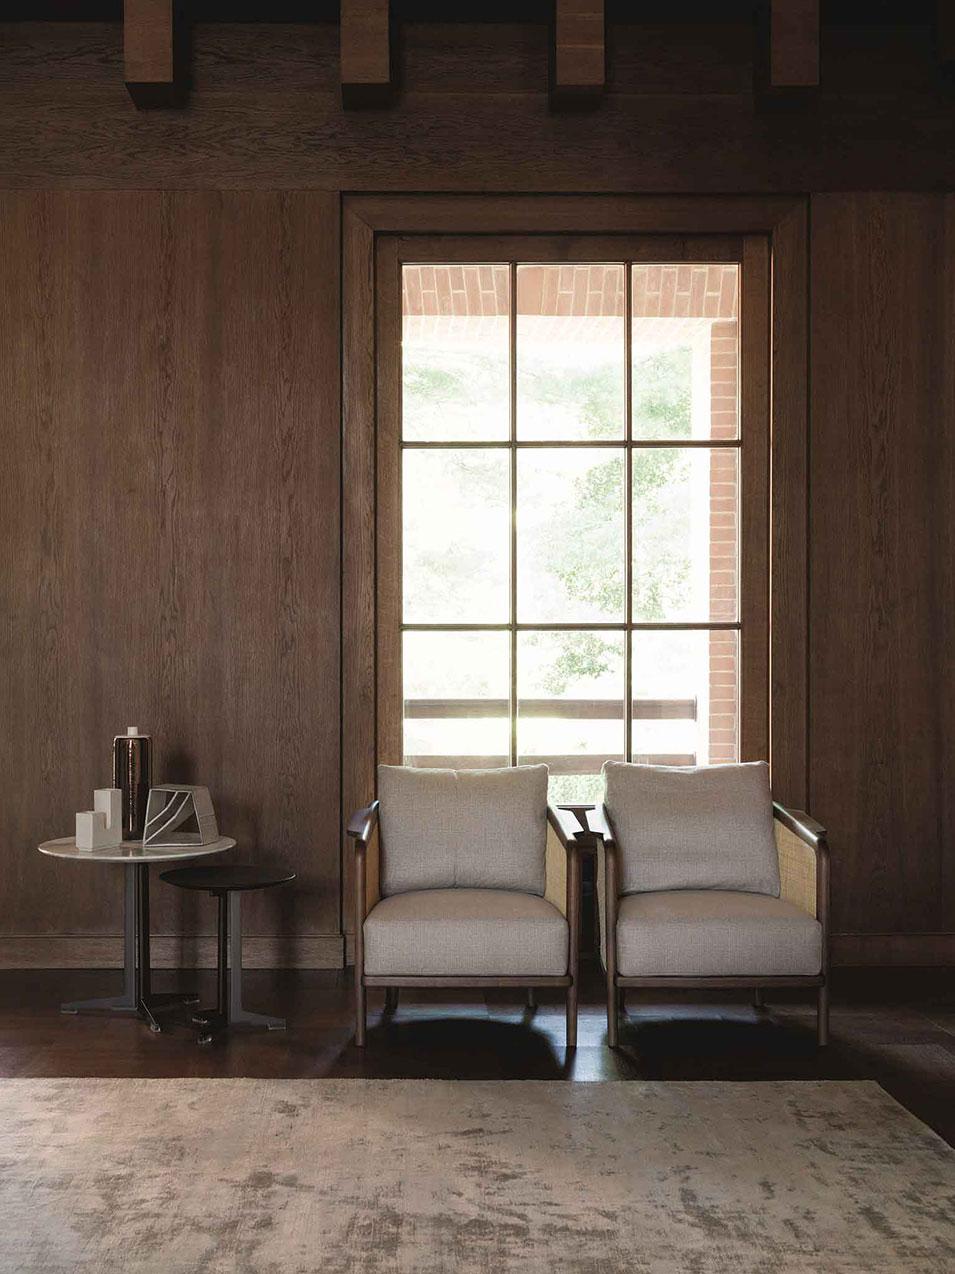 Obegi Home Furniture Flexform Lavoro 1060 Low